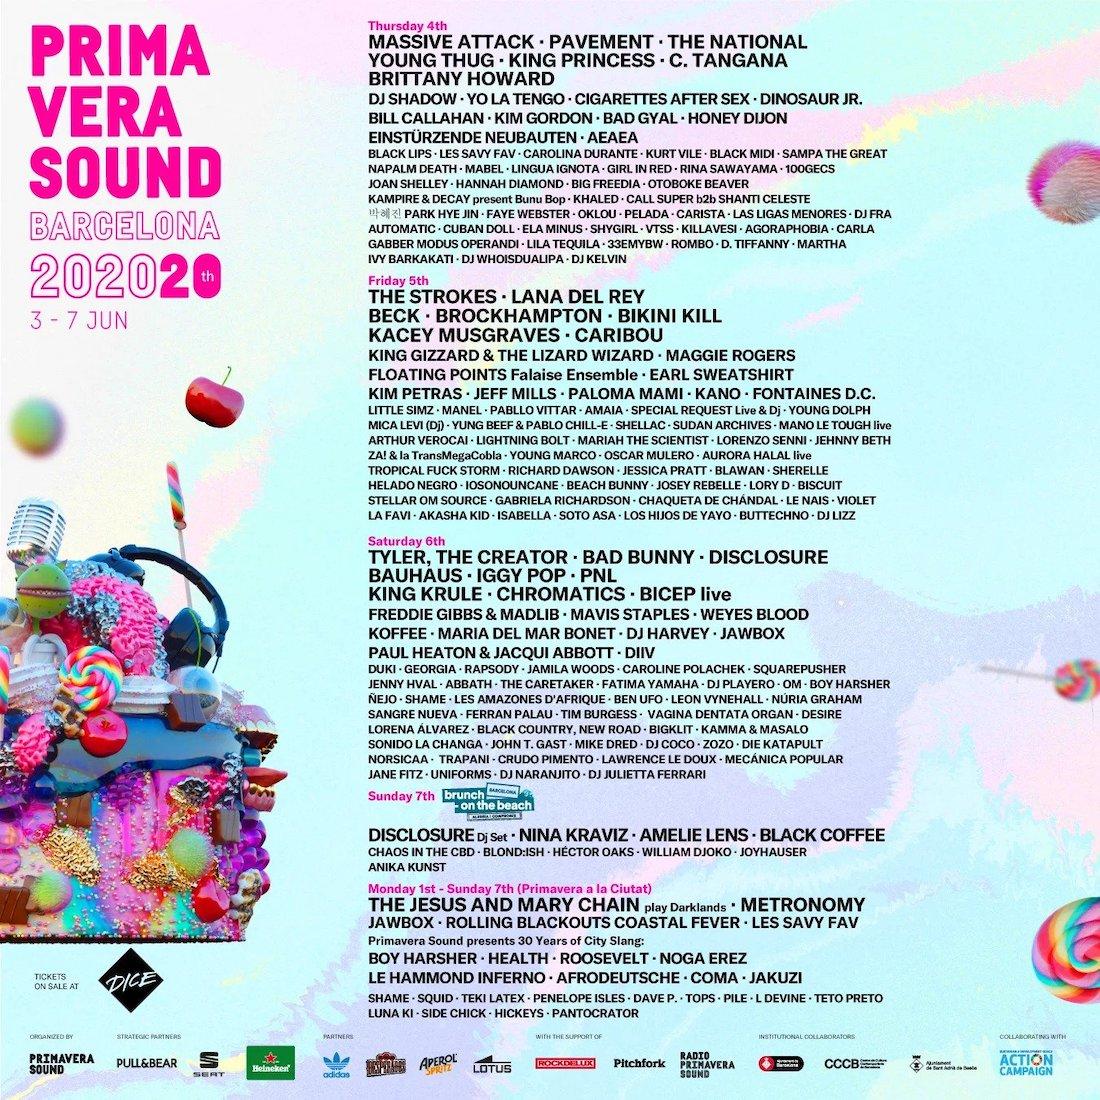 Primavera Sound 2020 - Cartel por días